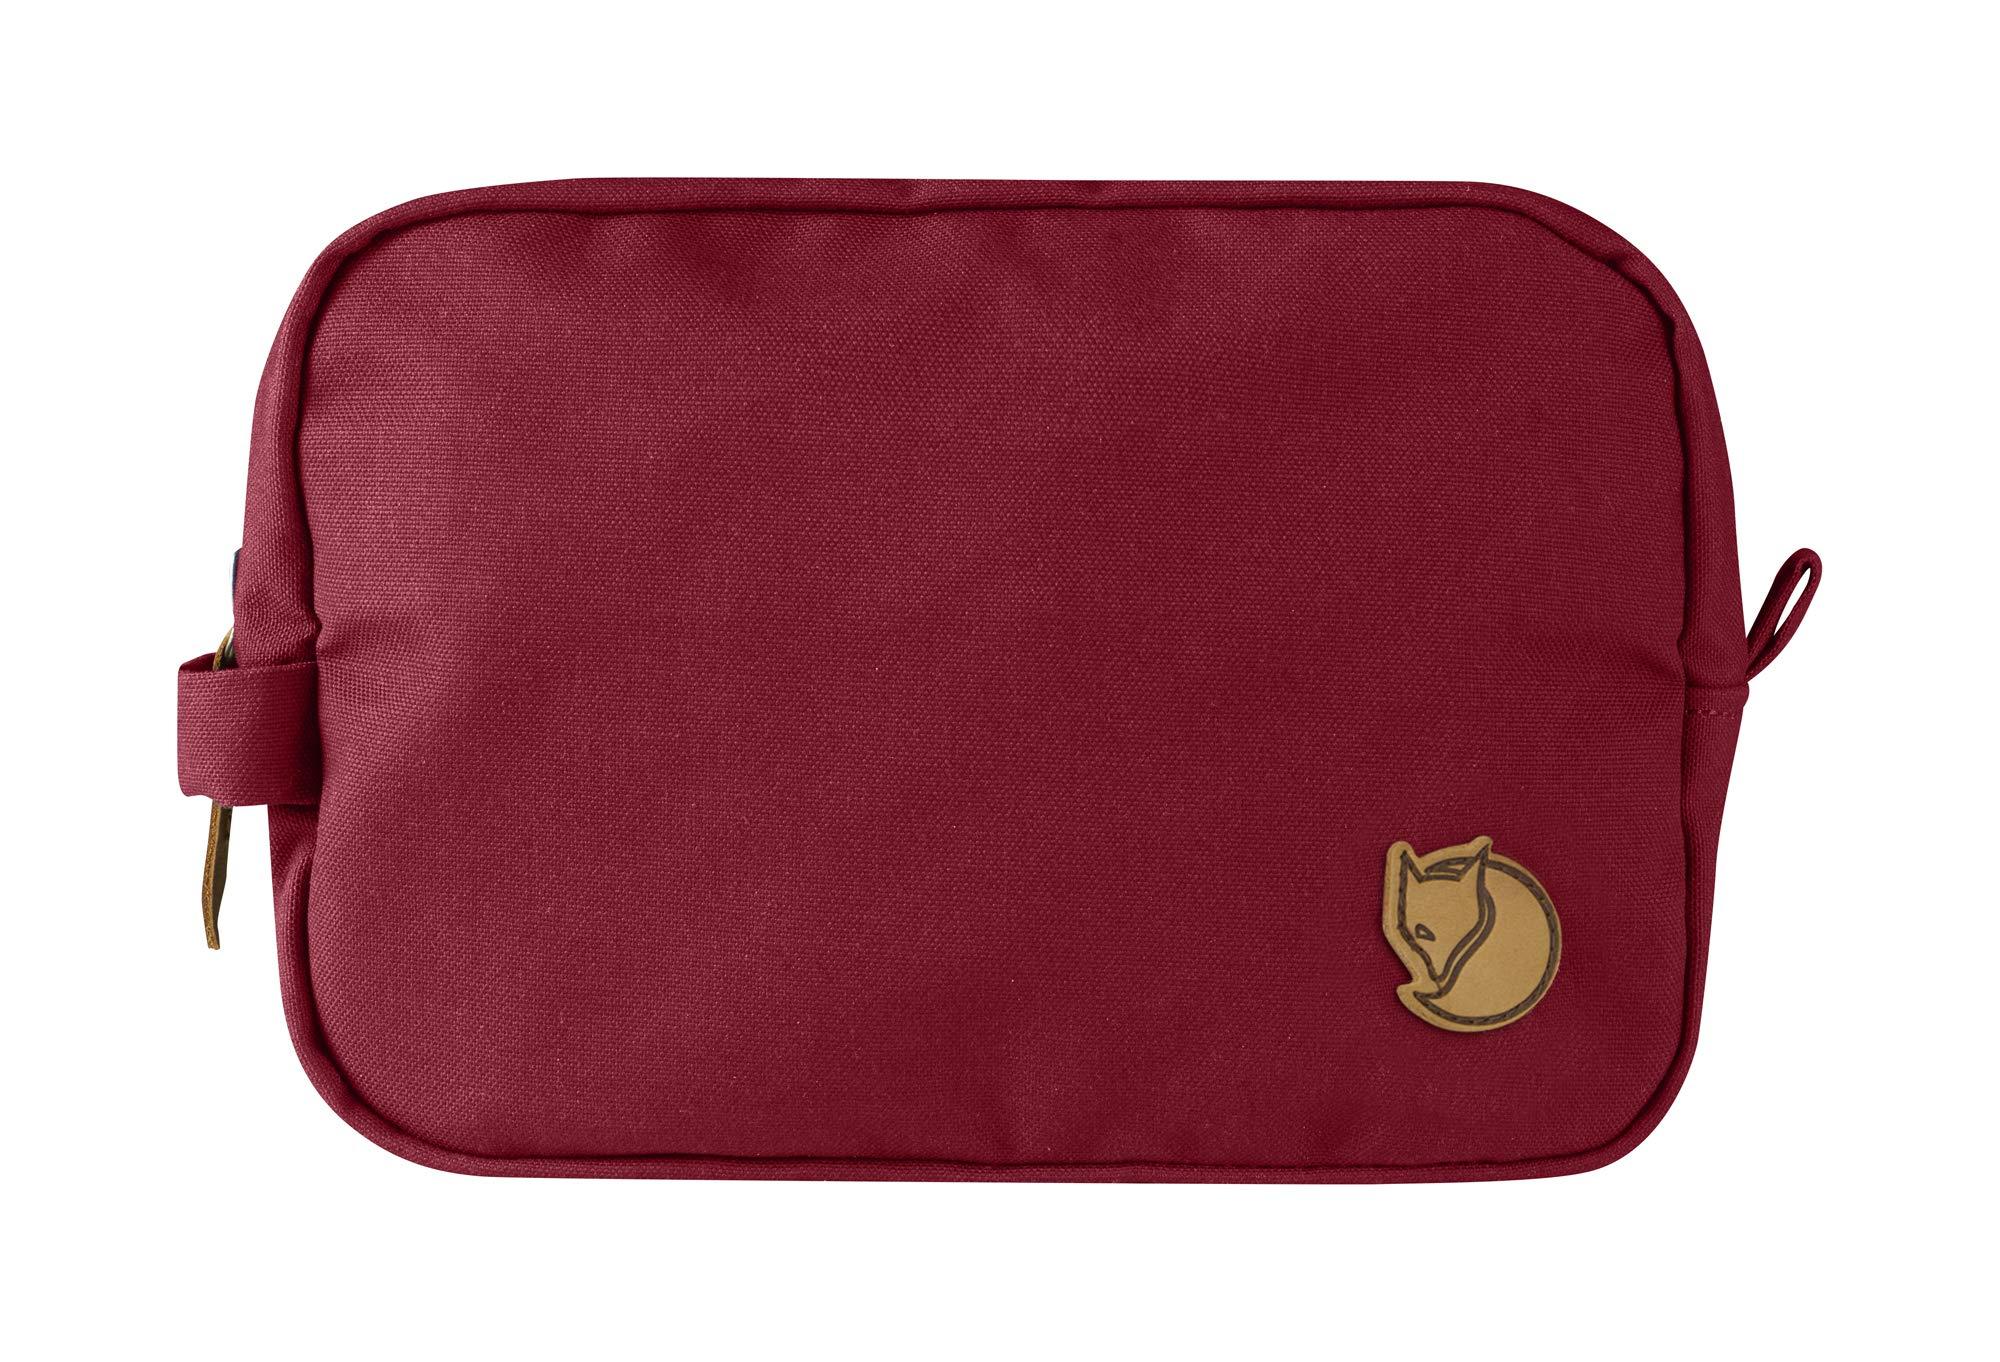 Fjallraven - Gear Bag, Redwood by Fjallraven